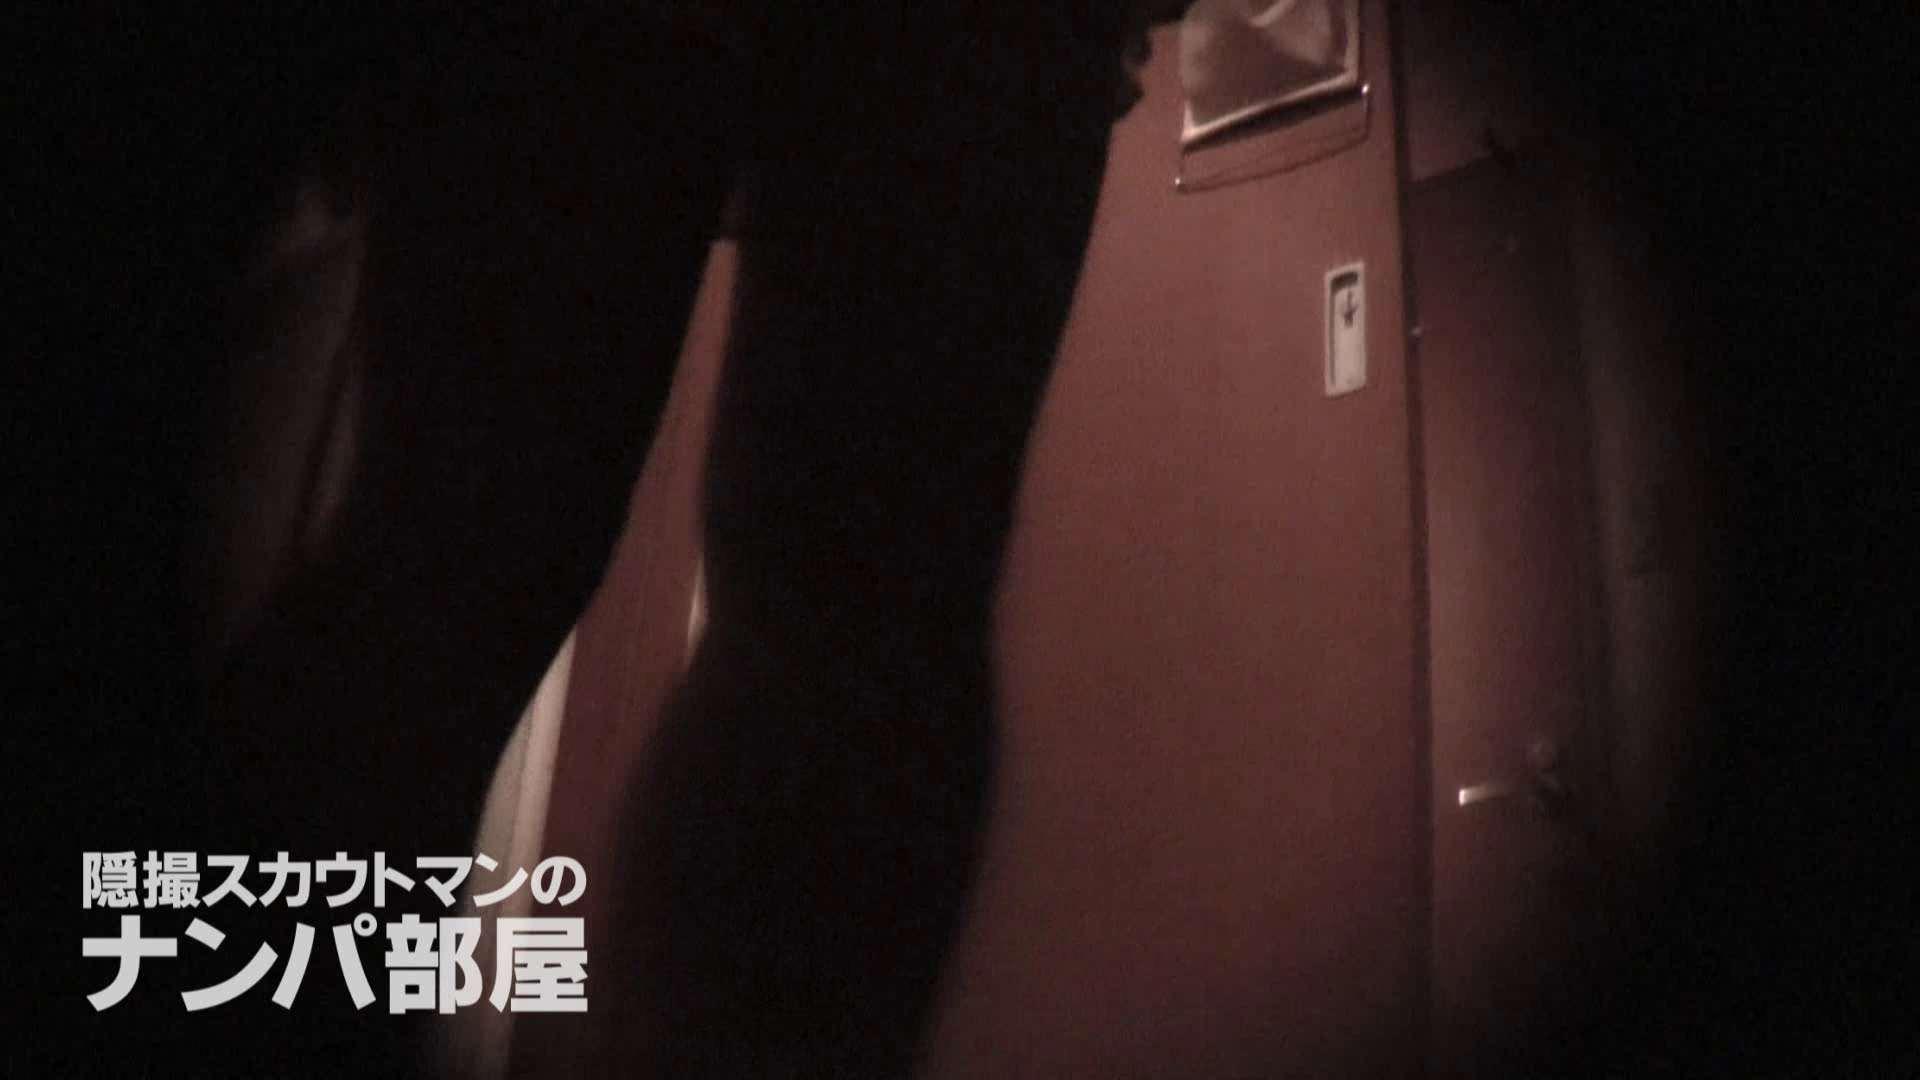 隠撮スカウトマンのナンパ部屋~風俗デビュー前のつまみ食い~ sii 隠撮  84連発 31